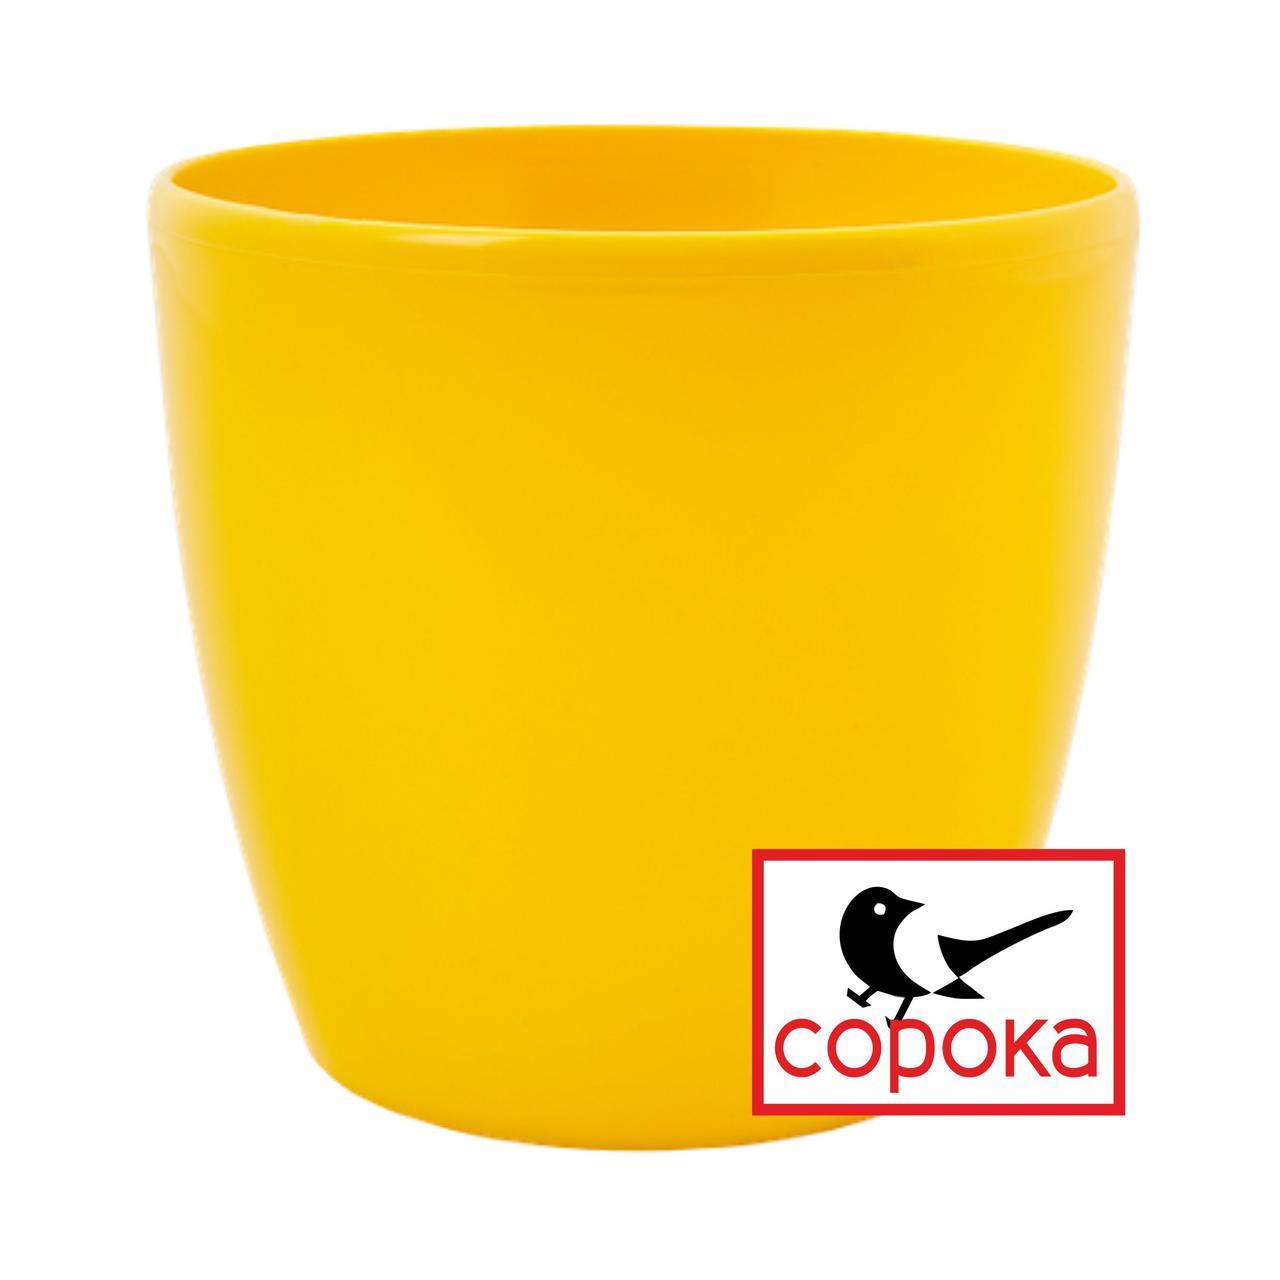 Вазон для цветов Алеана Матильда 20*18см желтый 4,2л (Горшок для цветов пластиковый Алеана Матильда)